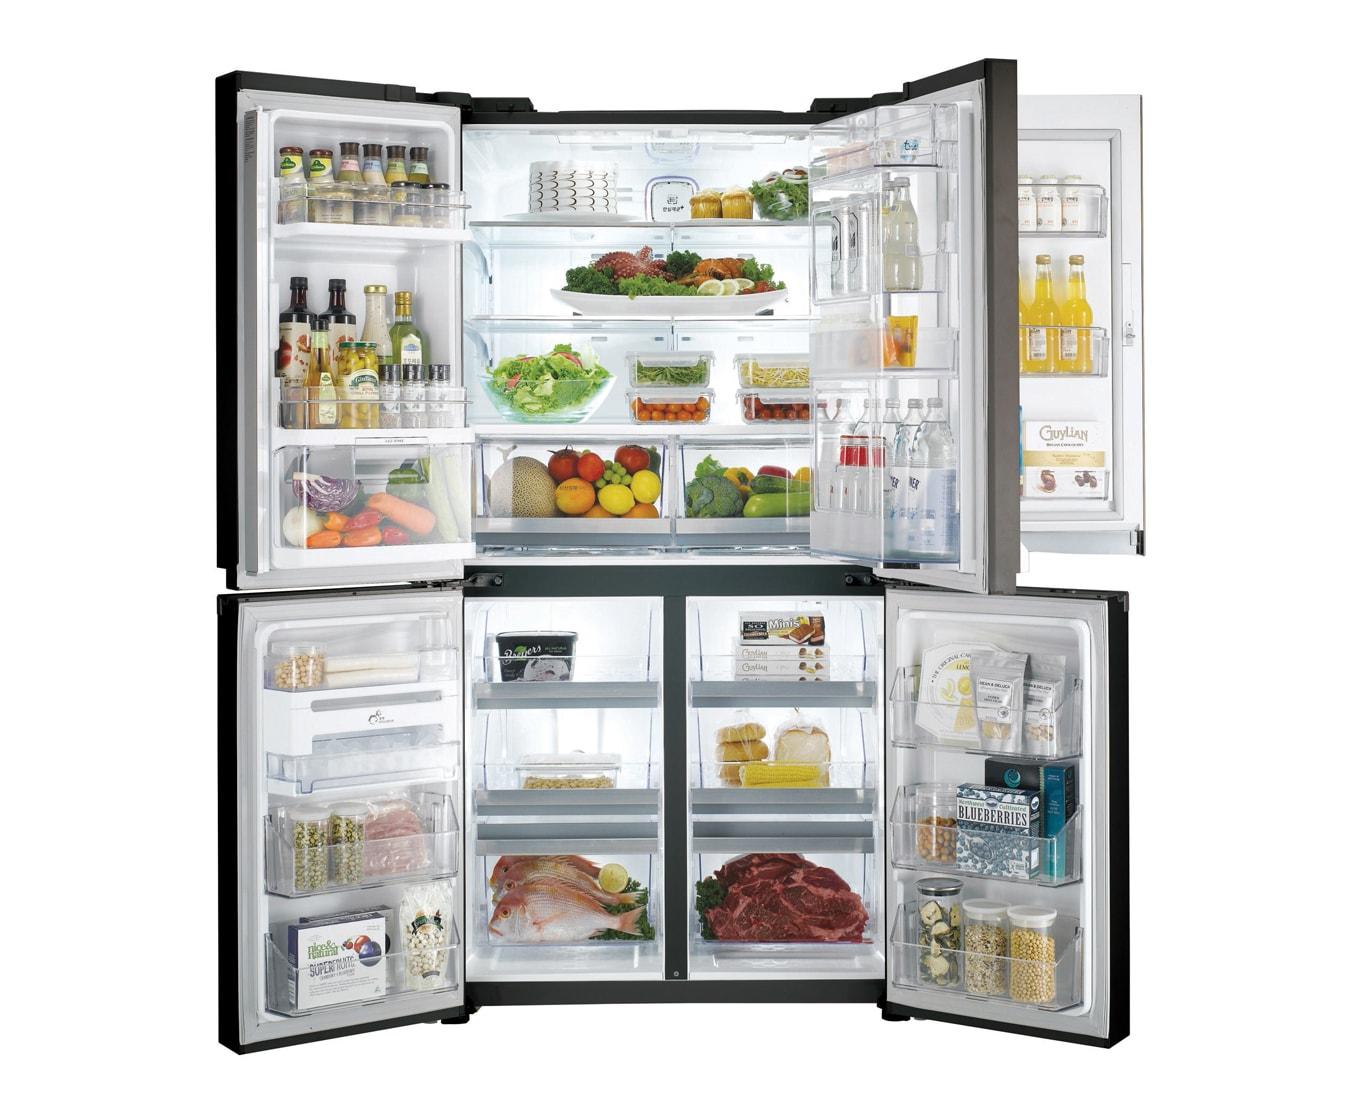 Genial LG GR 5D951L   951L Door In Door™ French Door Refrigerator | LG Australia